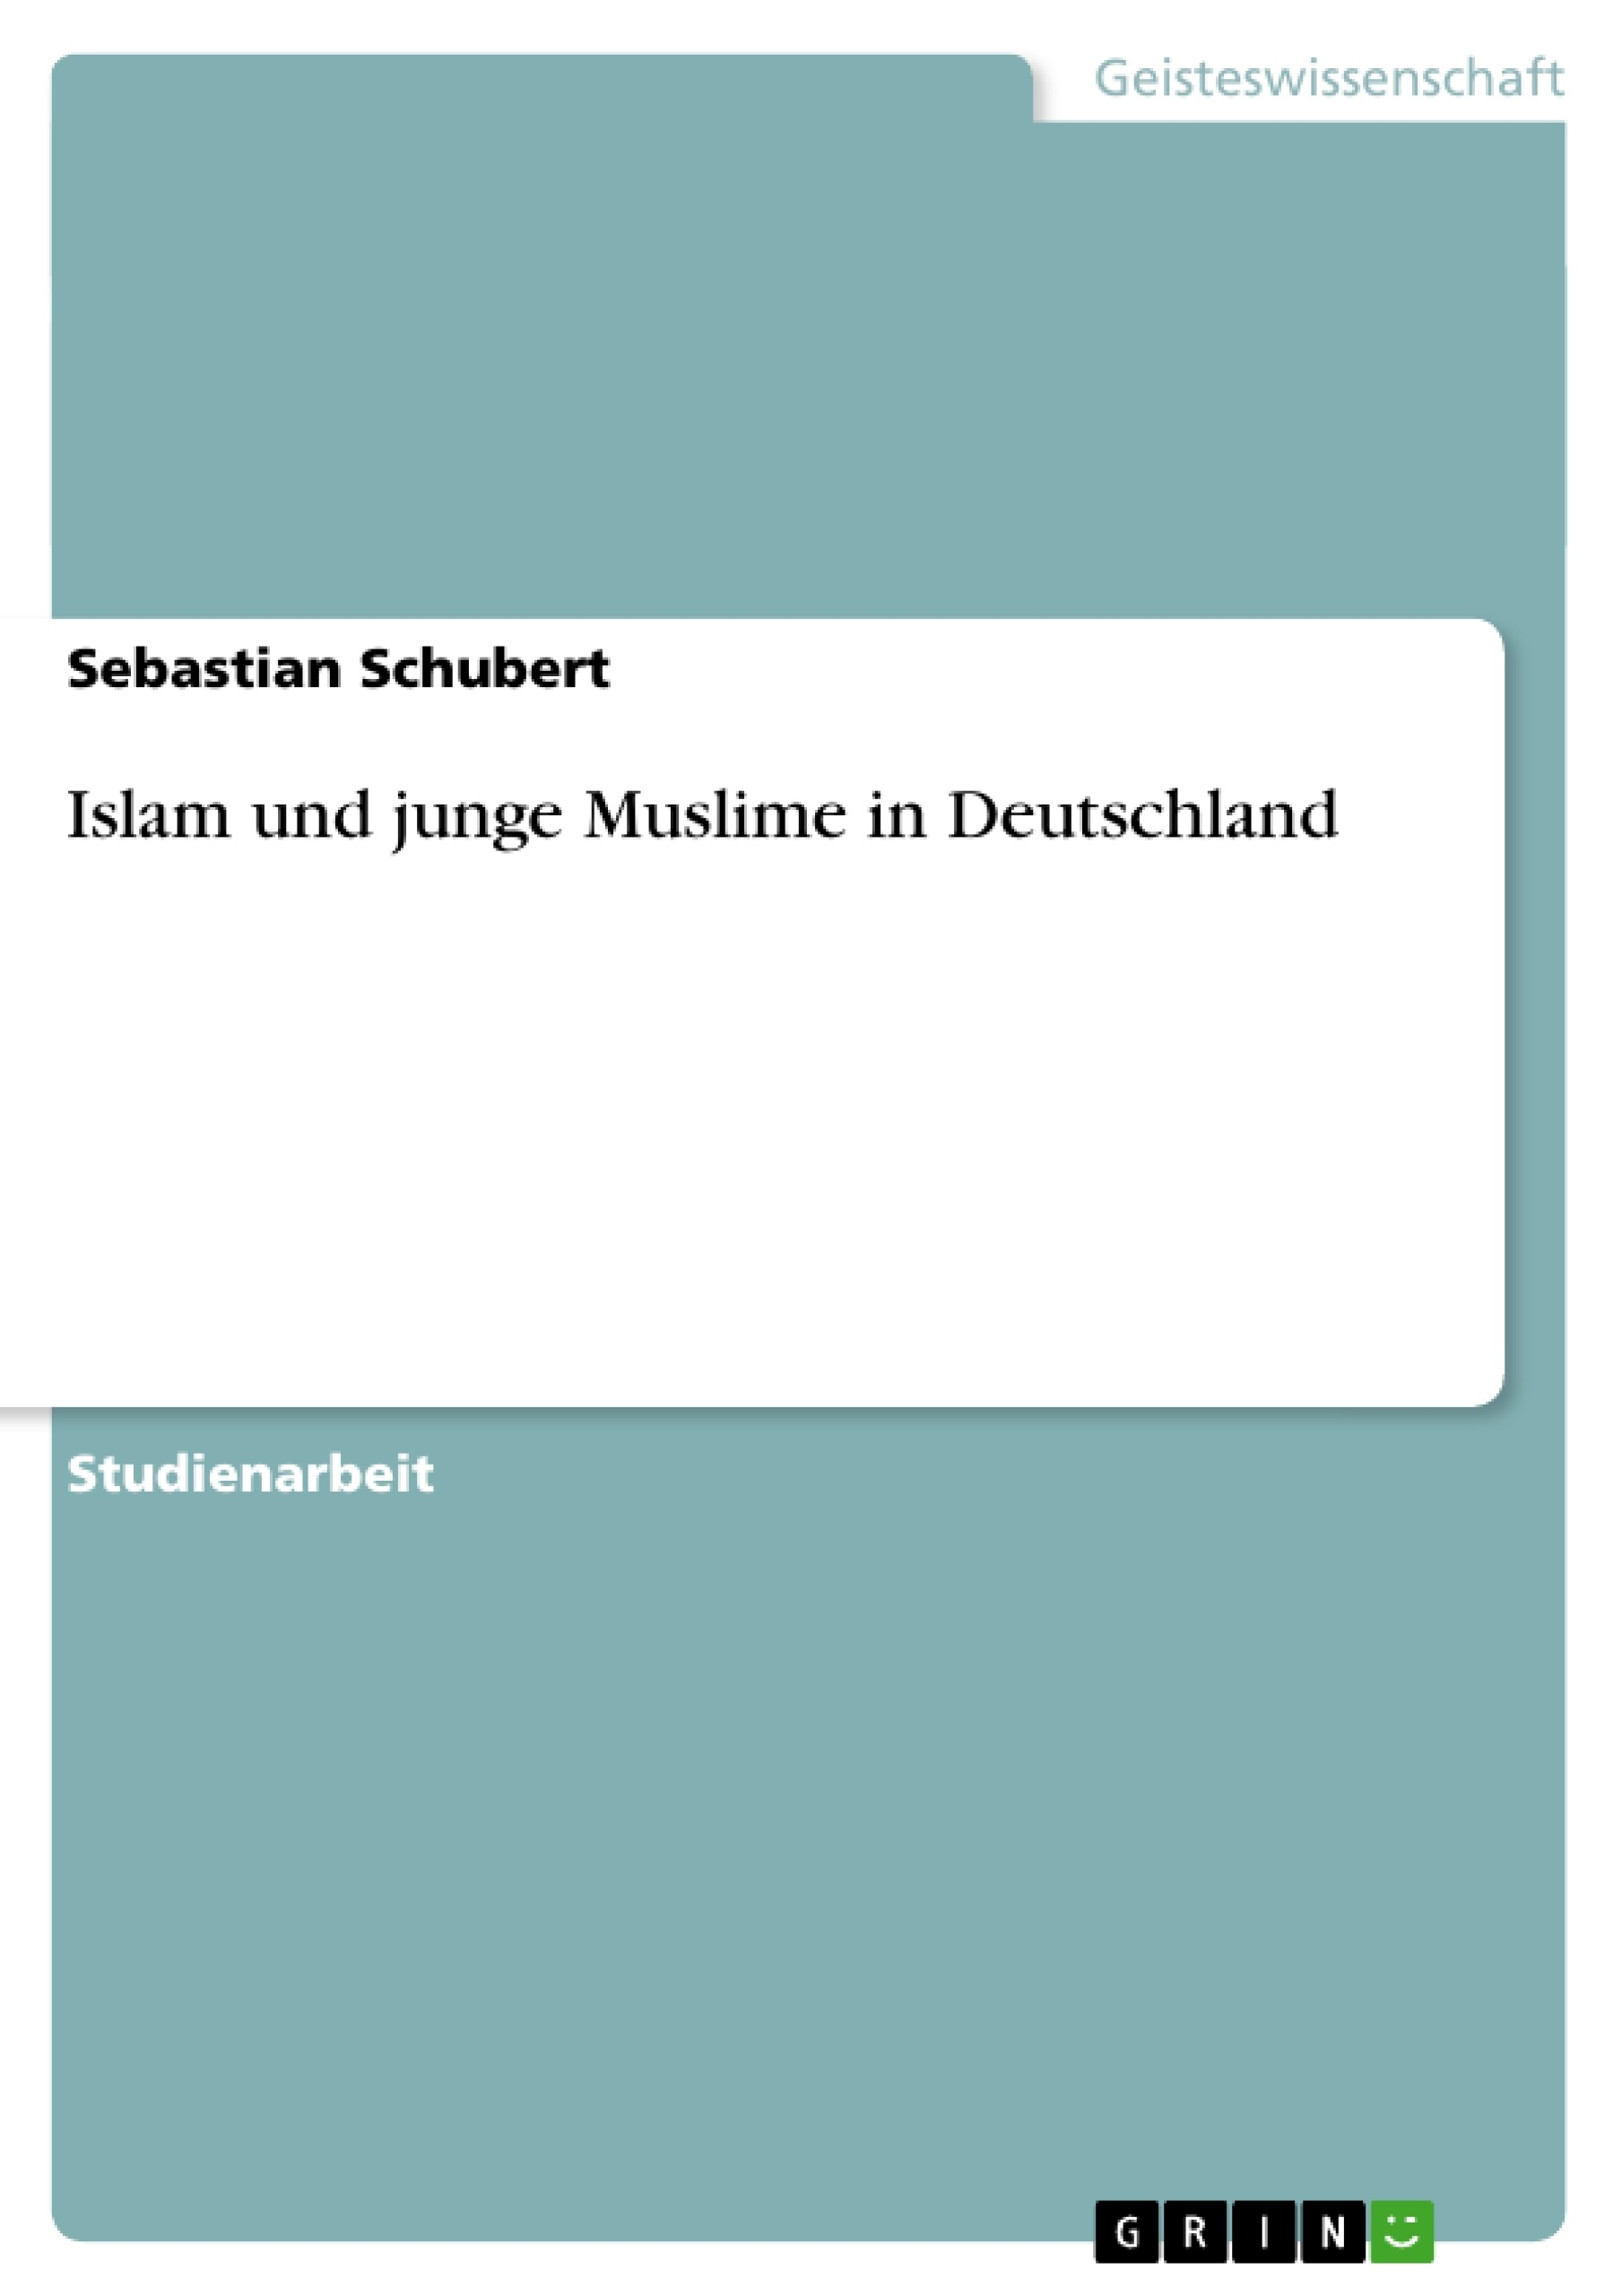 Titel: Islam und junge Muslime in Deutschland